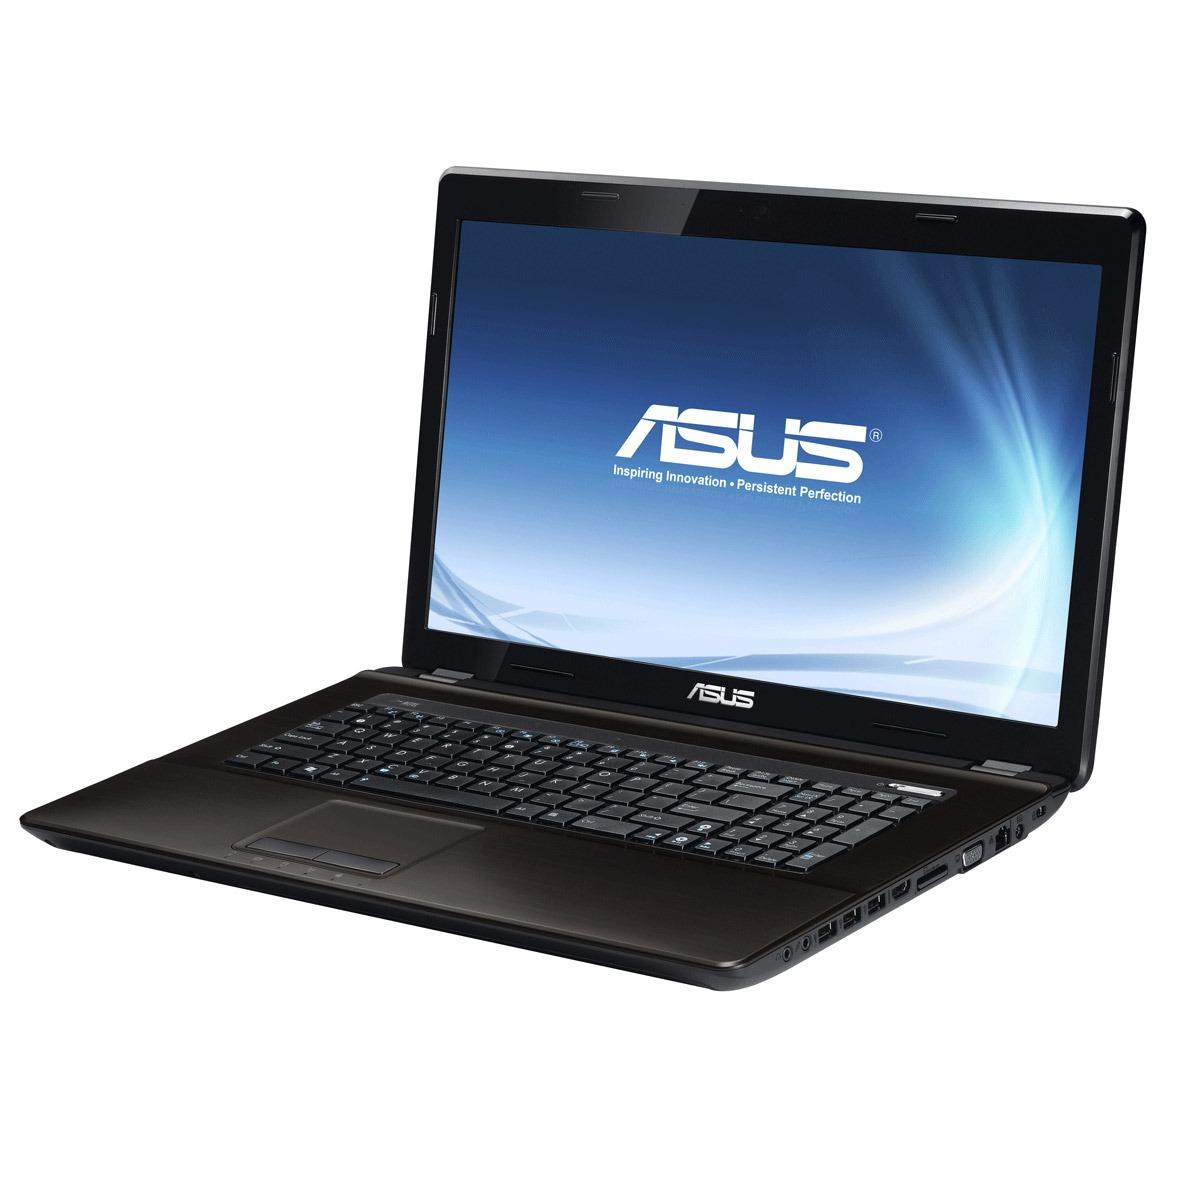 """PC portable ASUS K73E-TY080V Intel Pentium Dual-Core B940 4 Go 500 Go 17.3"""" LED Intel HD Graphics Graveur DVD Wi-Fi N Webcam Windows 7 Premium 64 bits (garantie constructeur 2 ans)"""